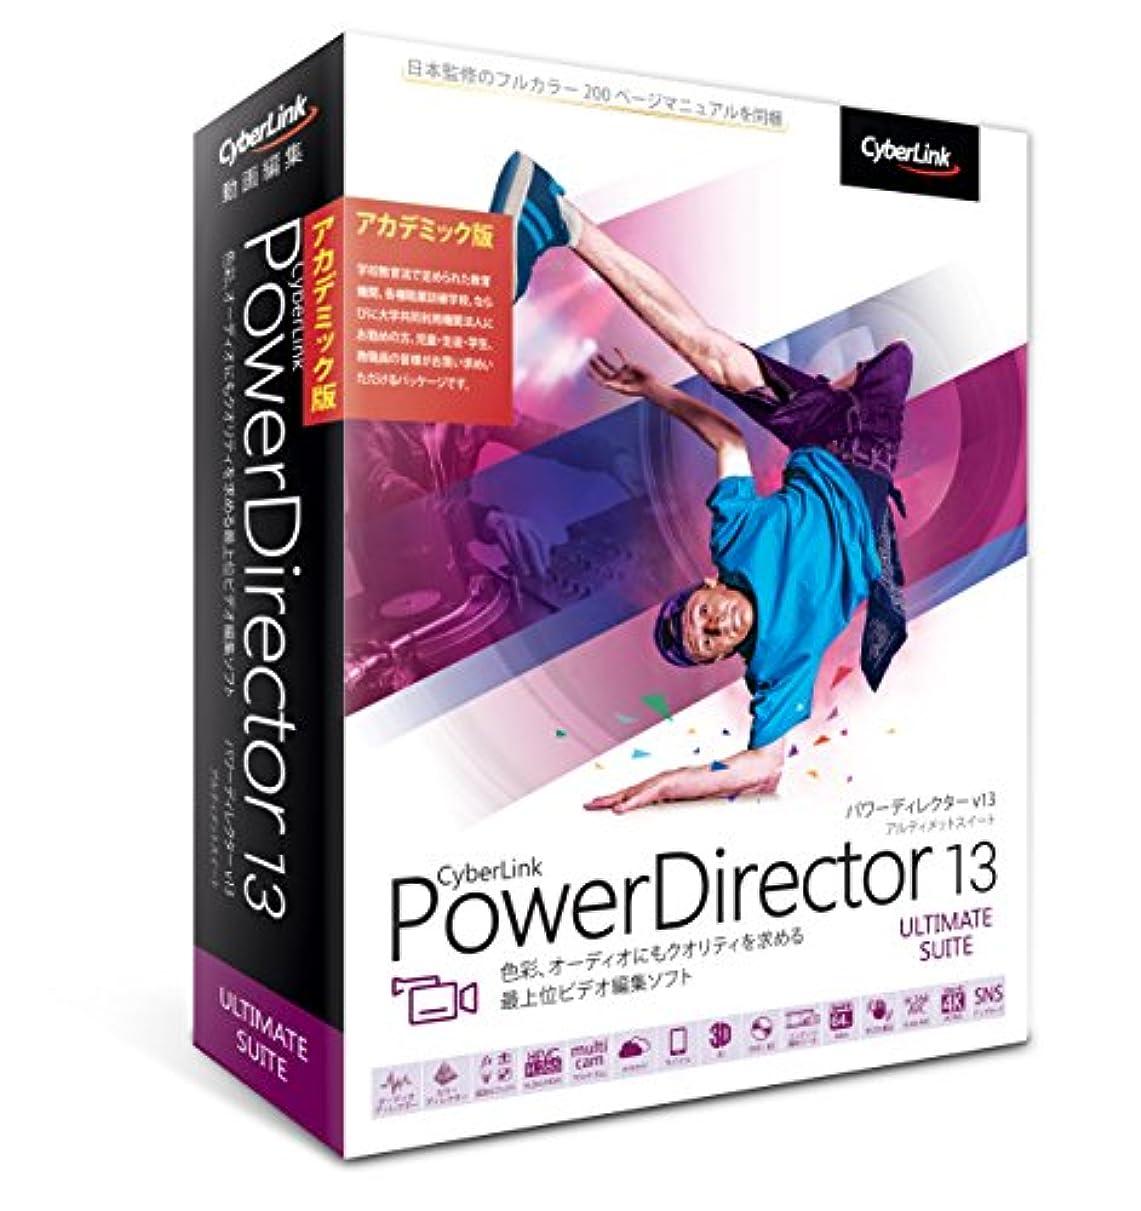 かもめ嫌悪世界PowerDirector 13 Ultimate Suite アカデミック版